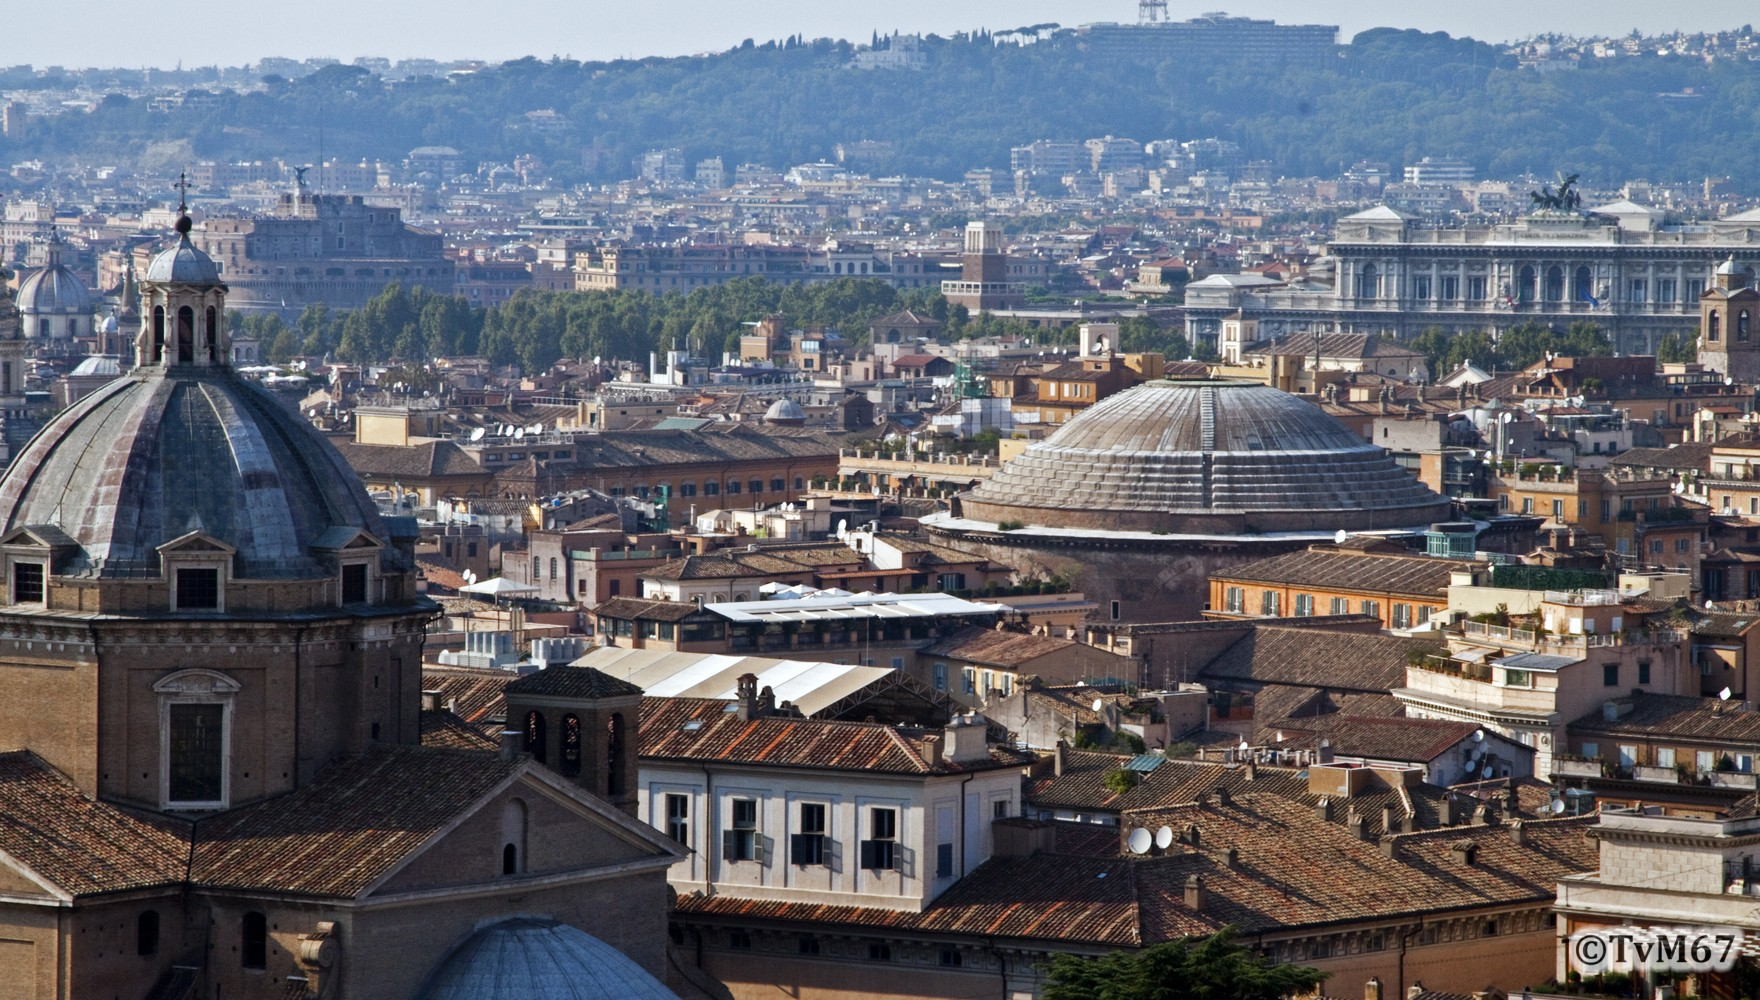 Roma, Pantheon, Gezien va de Vittoriano, 2009